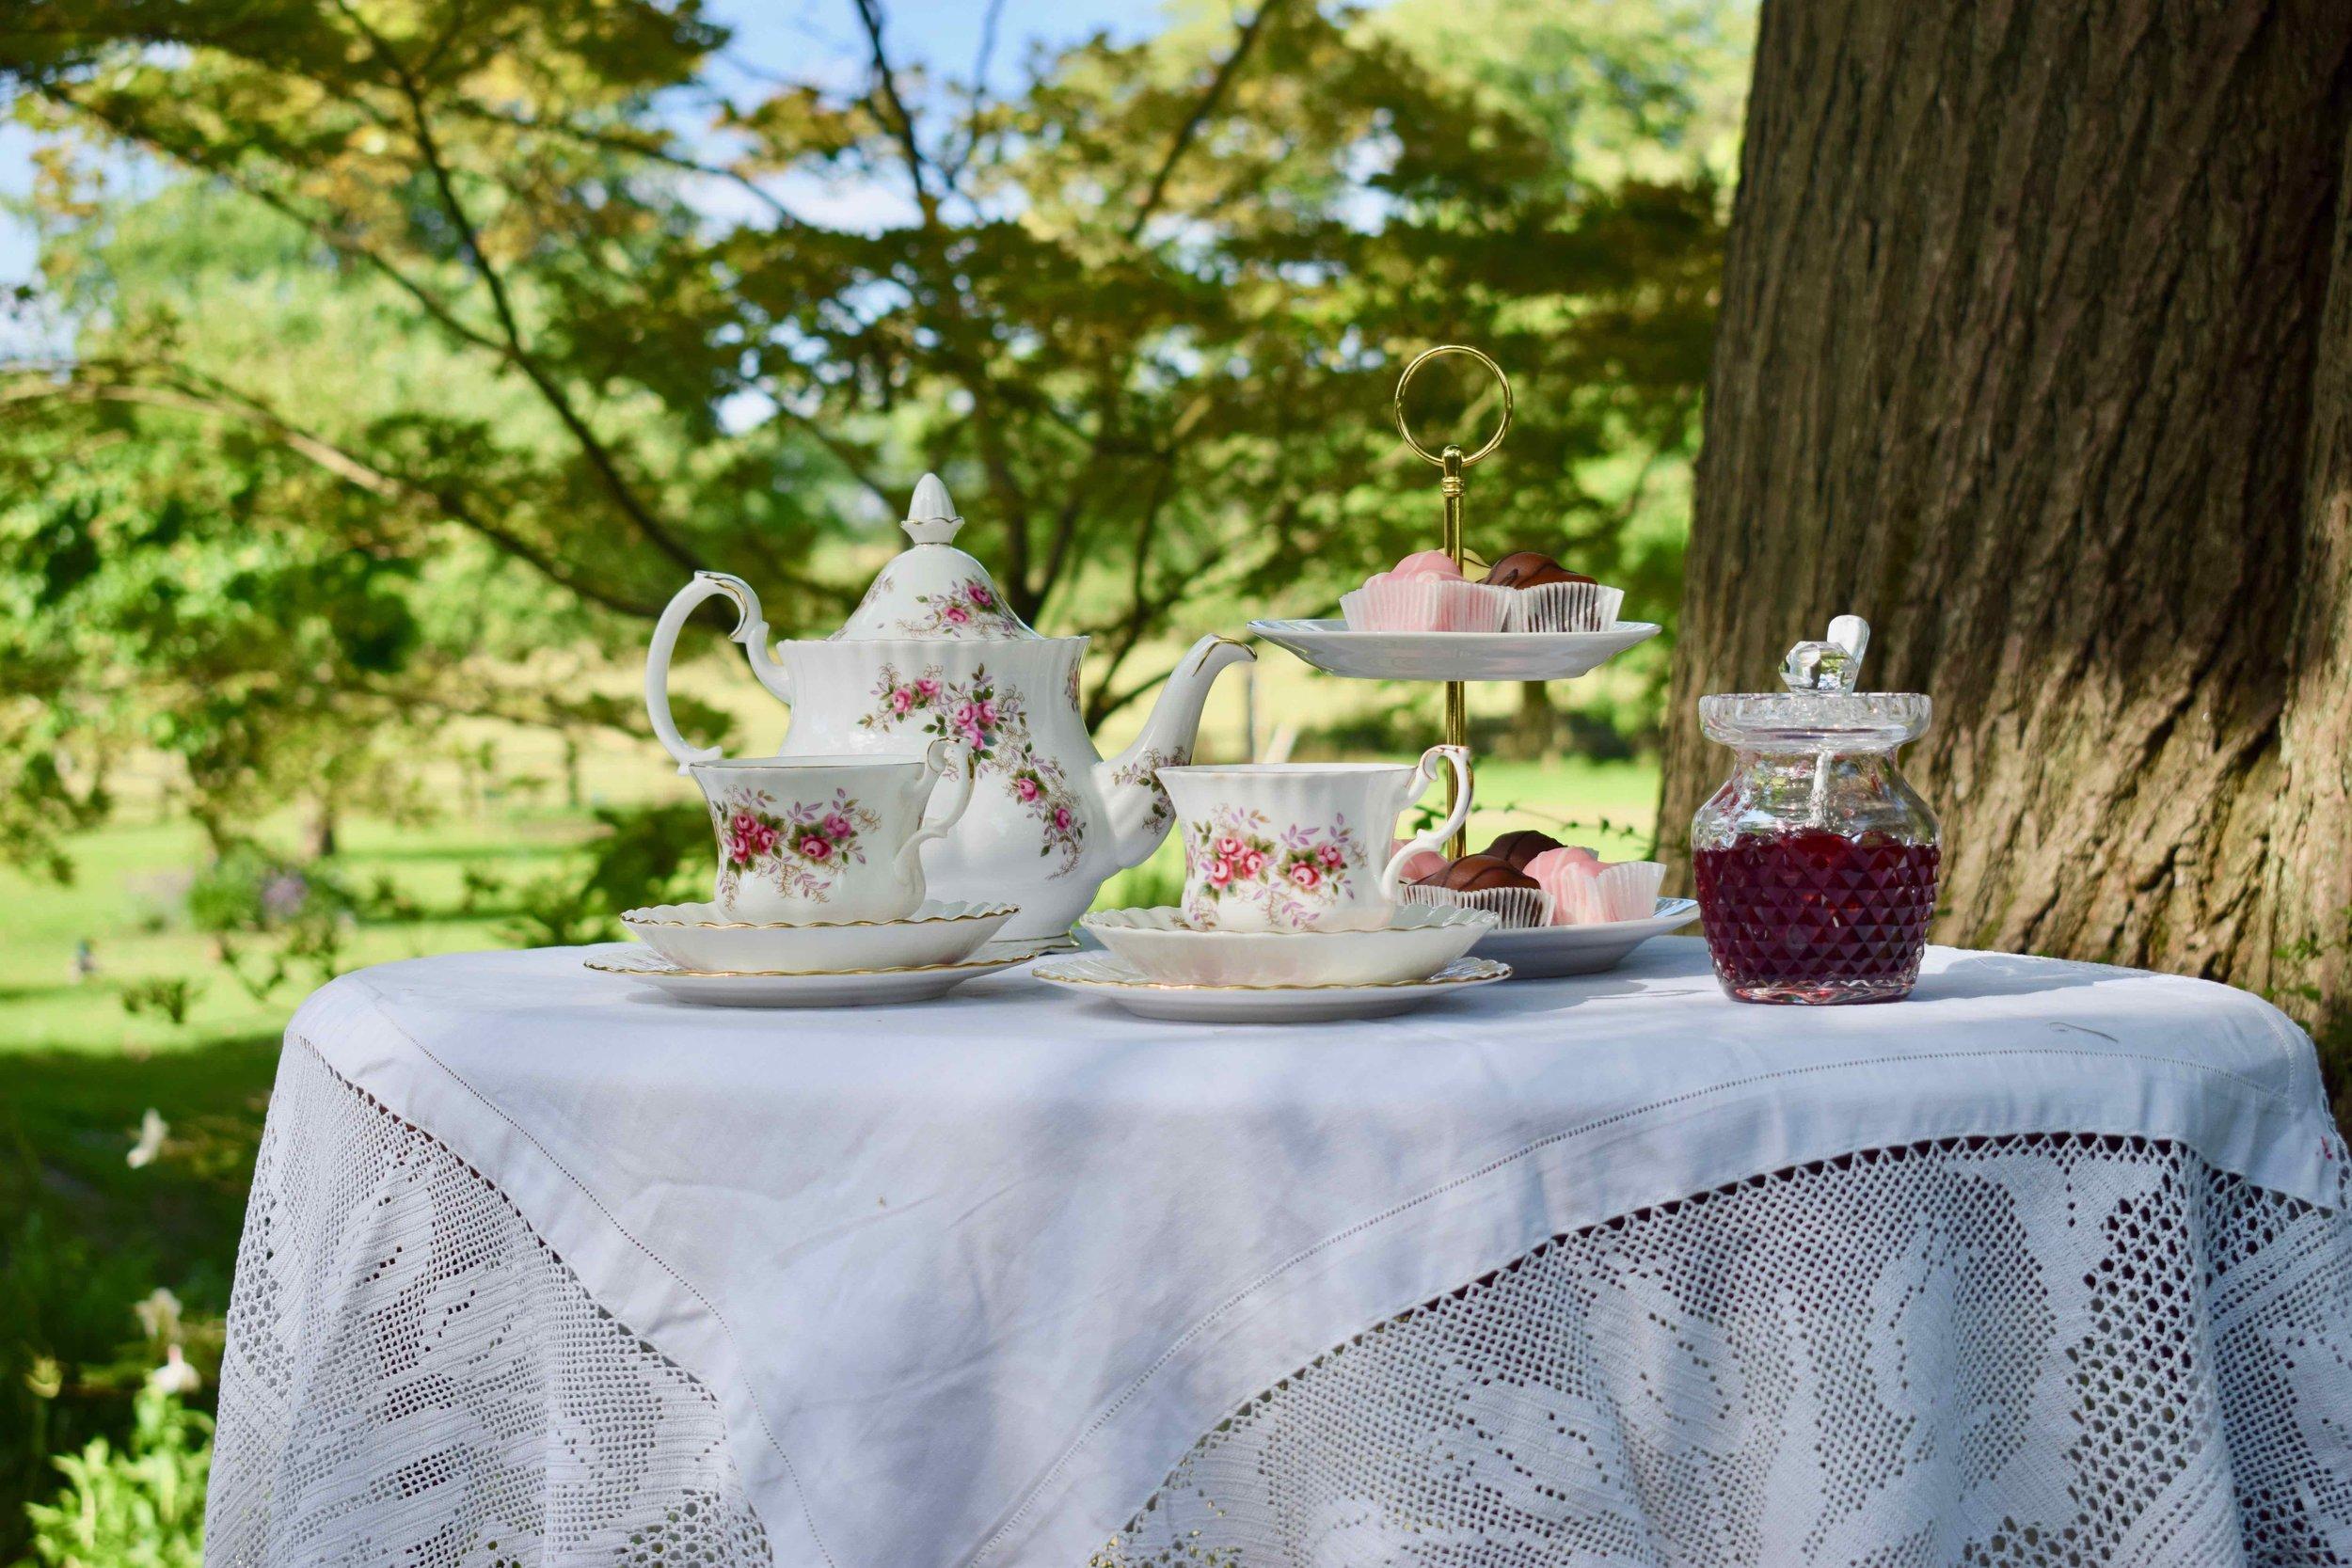 Royal Albert Teapot and Teacups